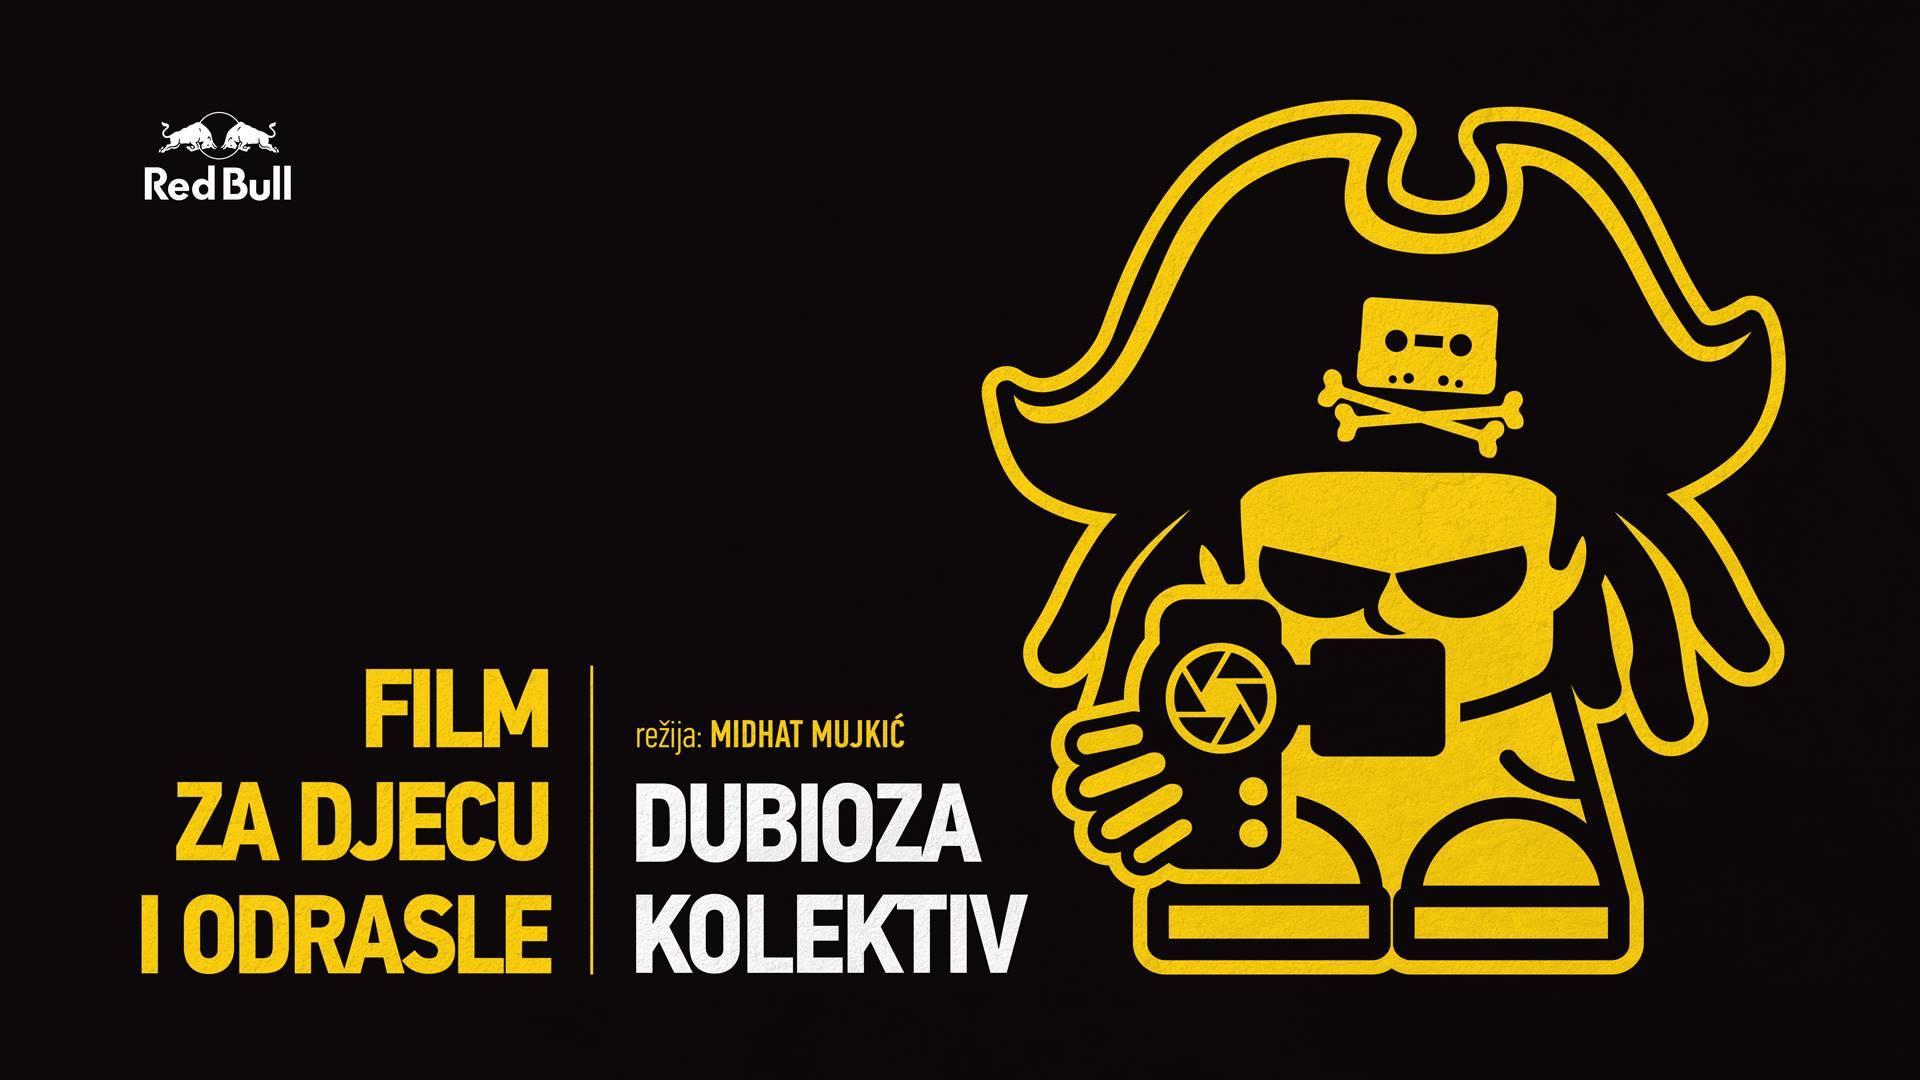 Dubioza kolektiv-Film za odrasle i djecu u Beču